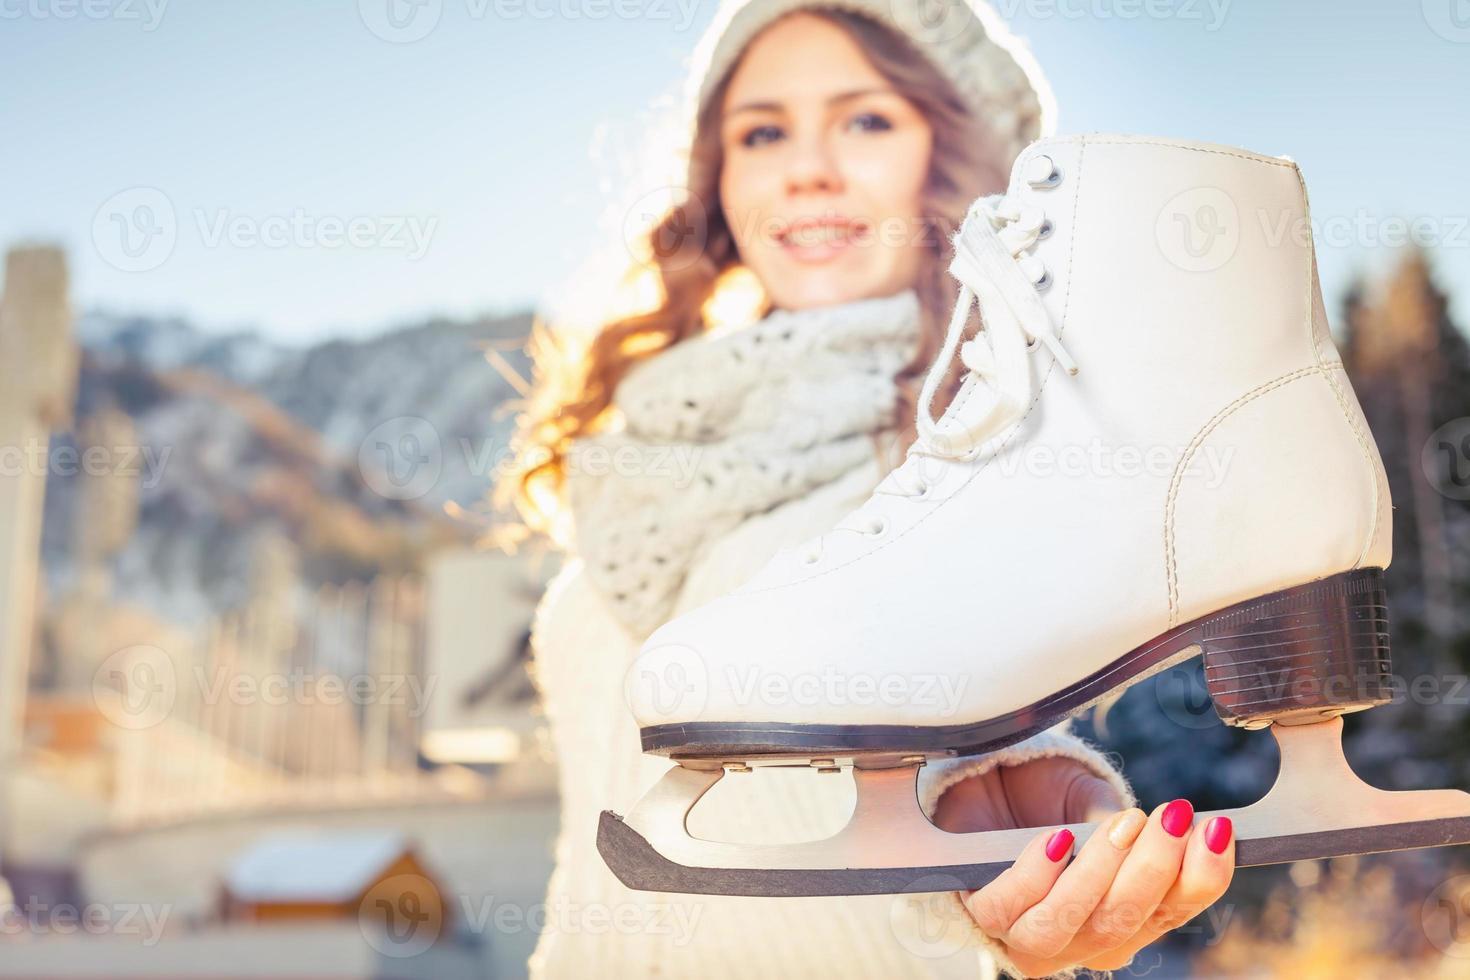 donna caucasica felice che va al pattinaggio su ghiaccio all'aperto foto